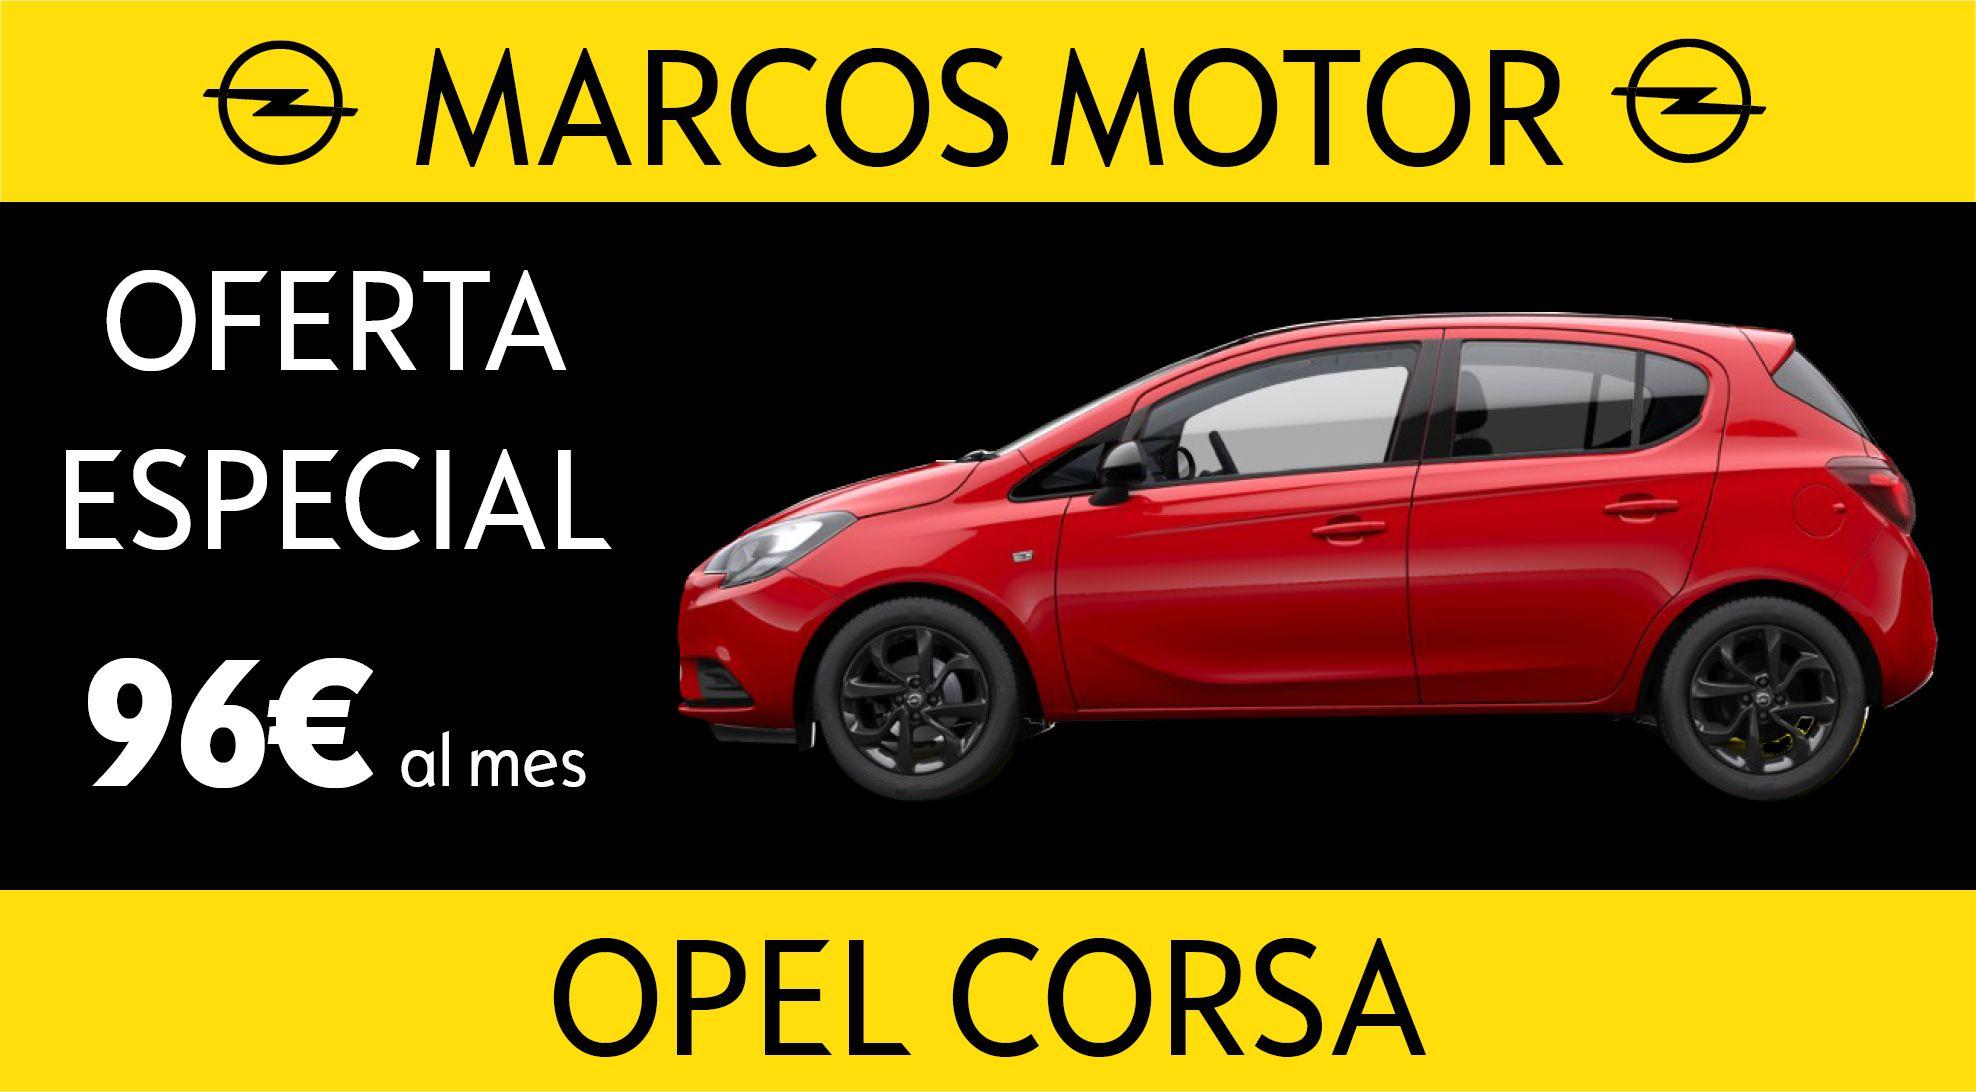 Opel Corsa Offer € 96 per month